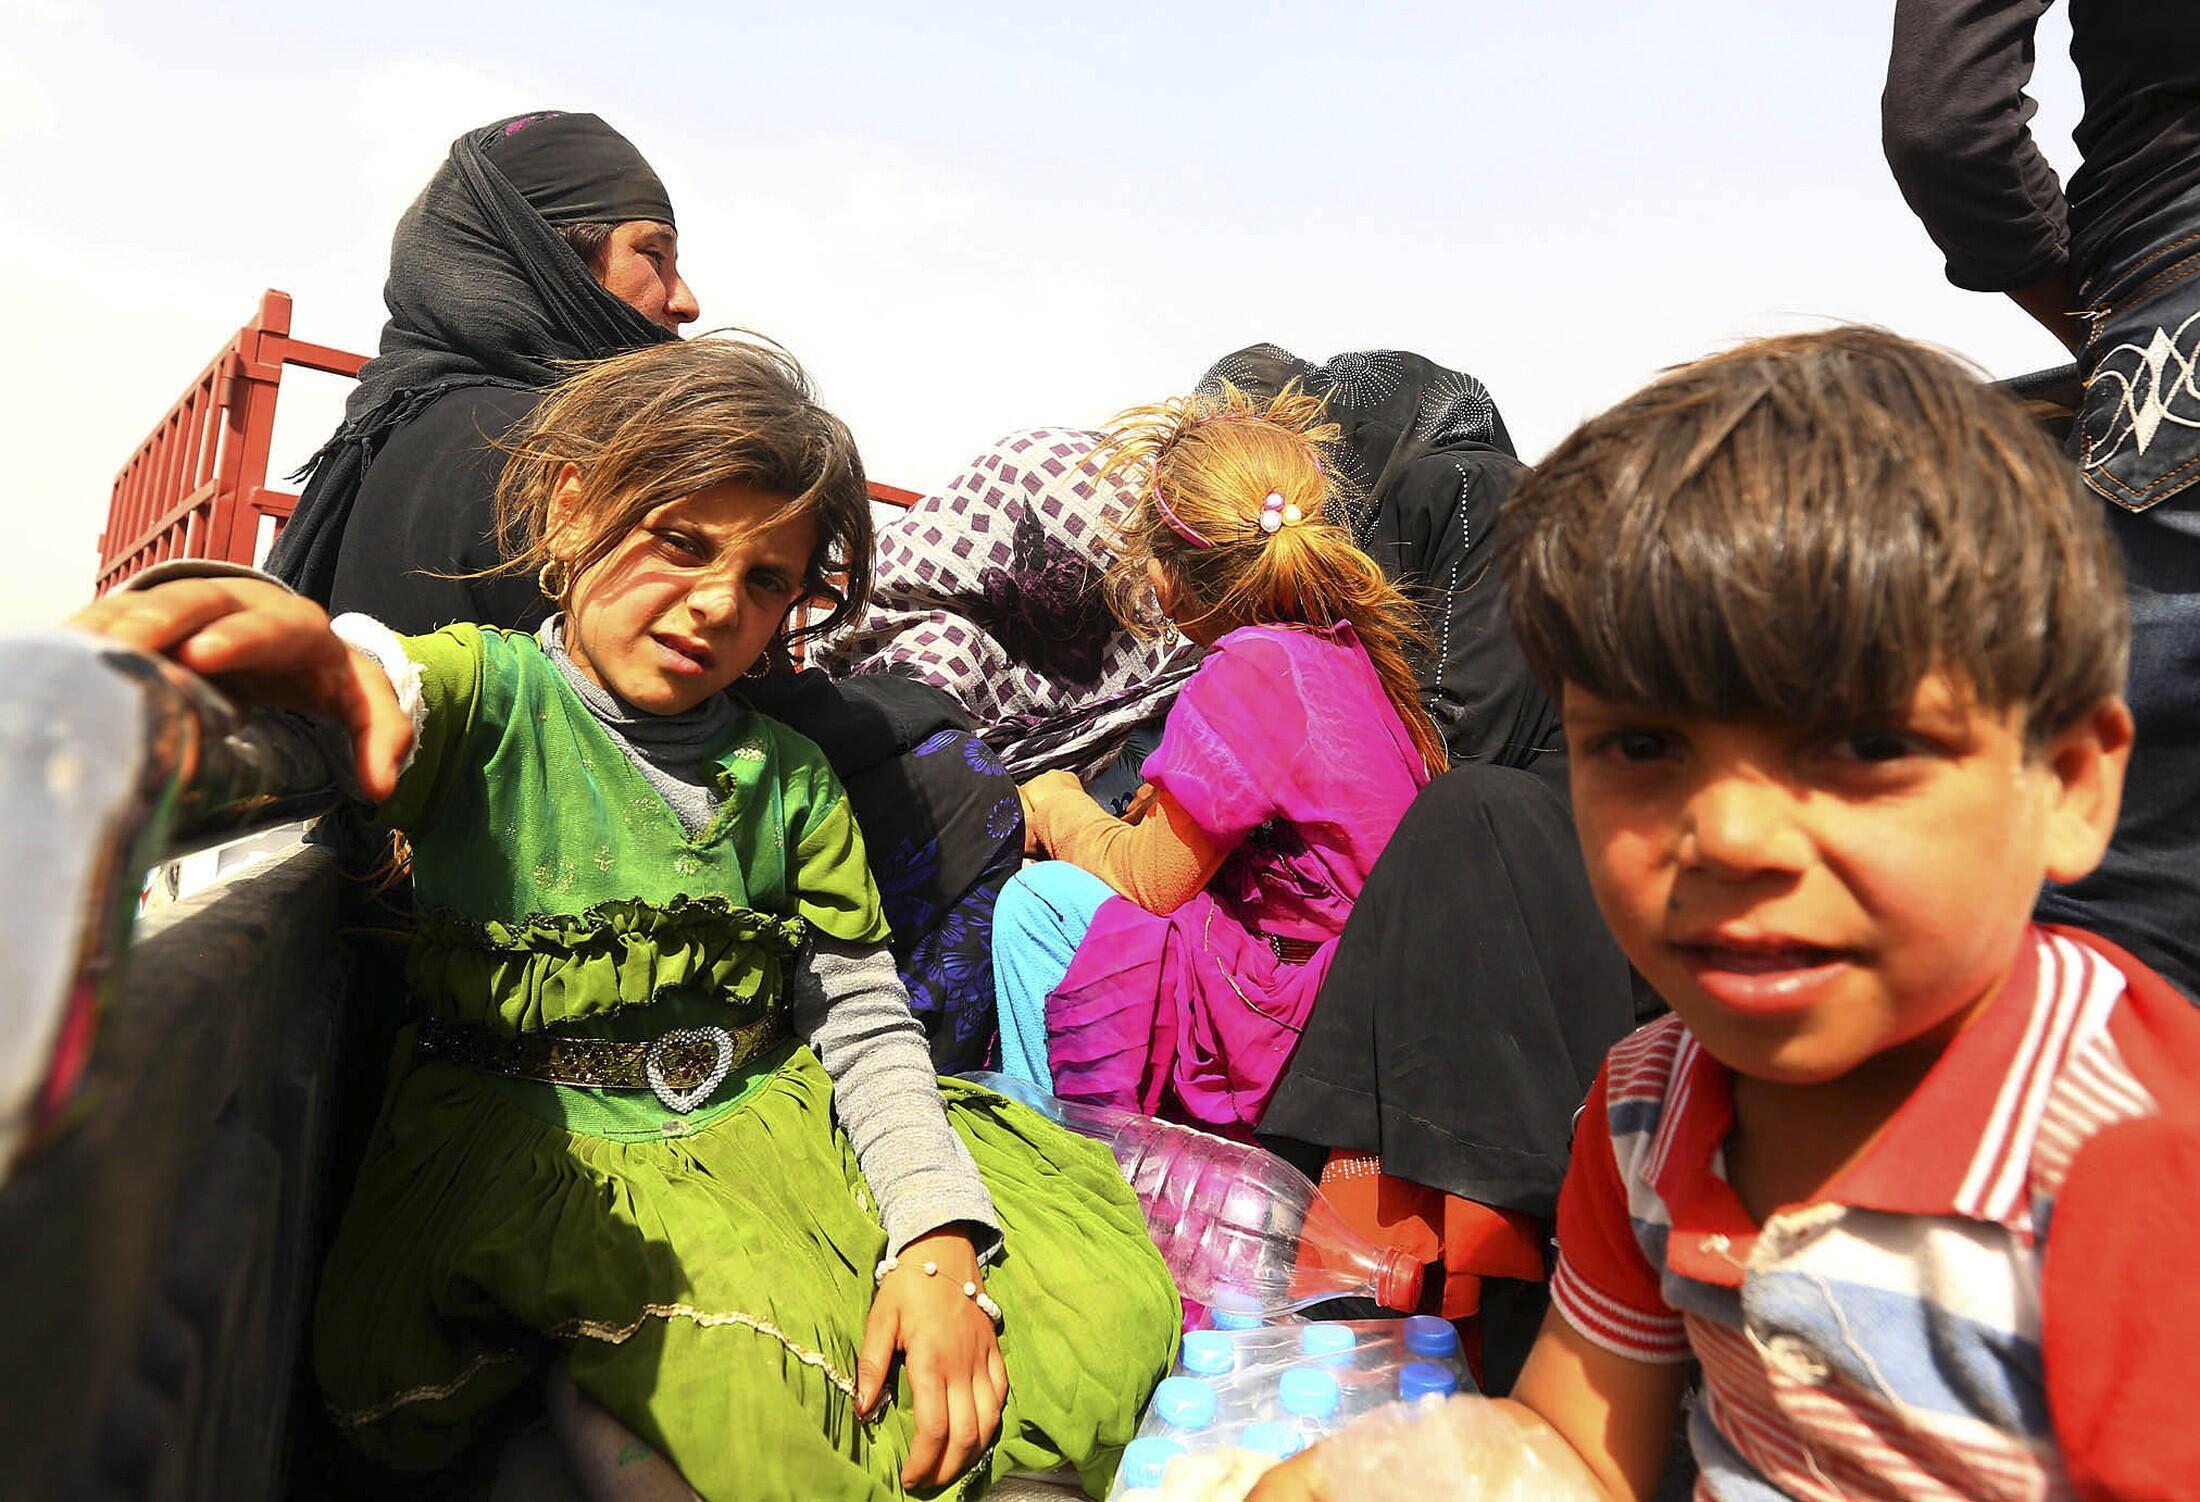 Une famille irakienne originaire de Mossoul arrive à Erbil après avoir fui devant l'assaut des insurgés jihadistes sunnites d'EIIL.